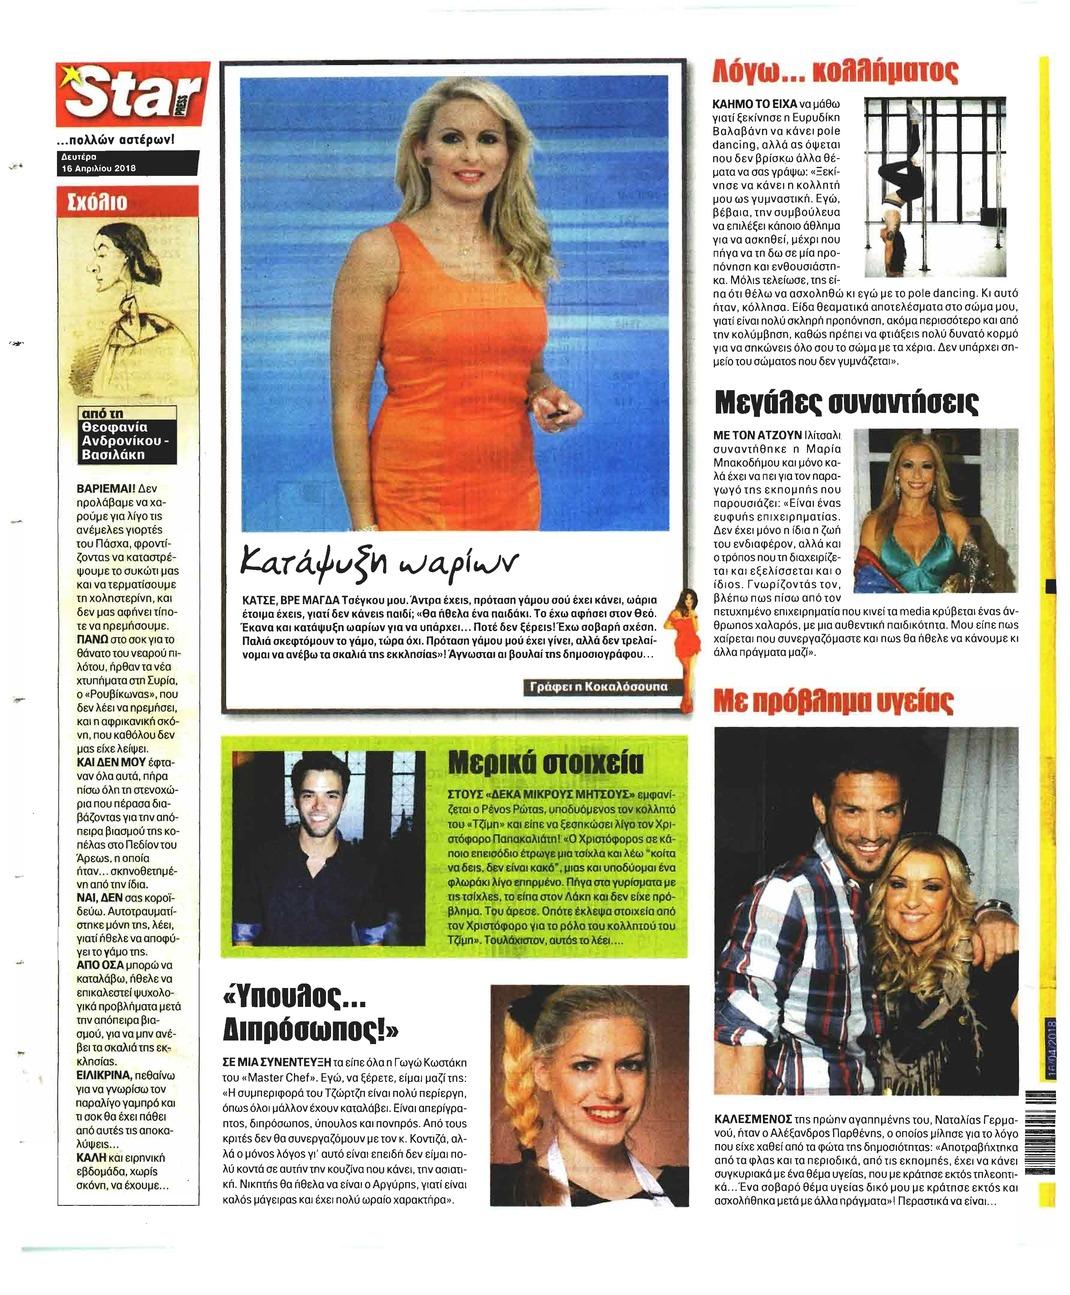 Οπισθόφυλλο εφημερίδας Star Press